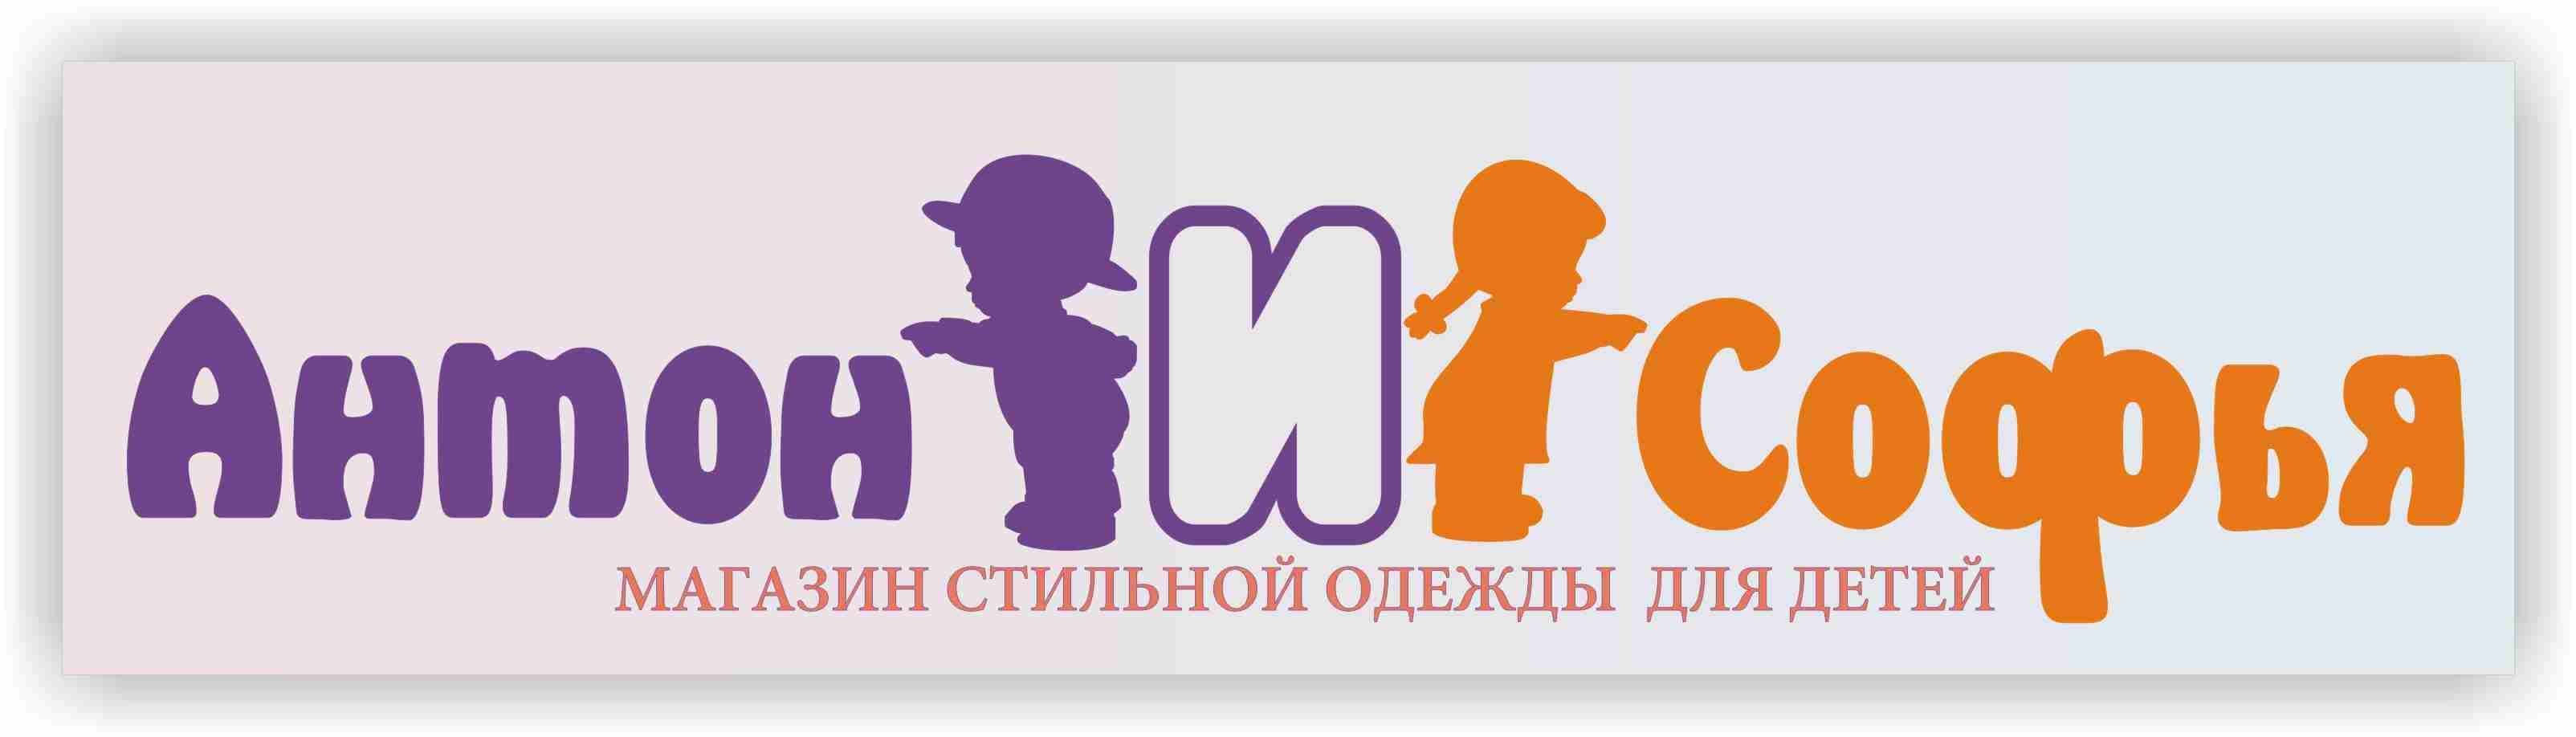 Логотип и вывеска для магазина детской одежды фото f_4c86865f07867.jpg